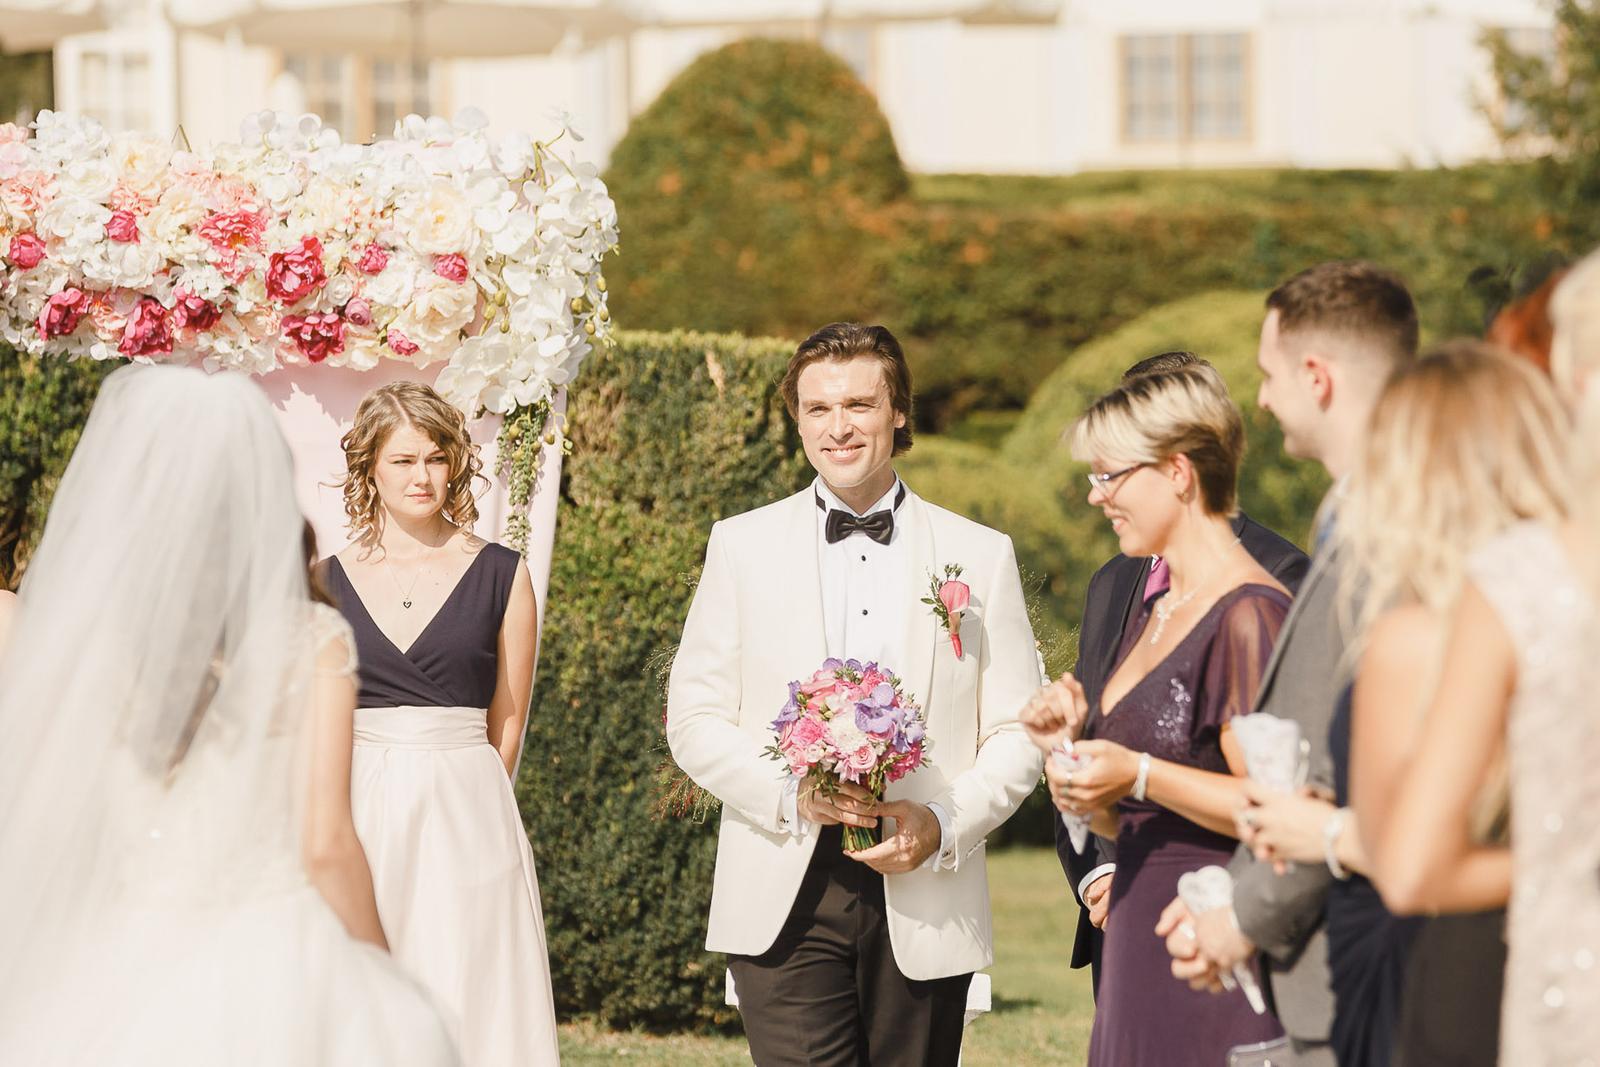 Ekaterina & Thomas - Wedding in Austria ❤️ - Obrázok č. 42